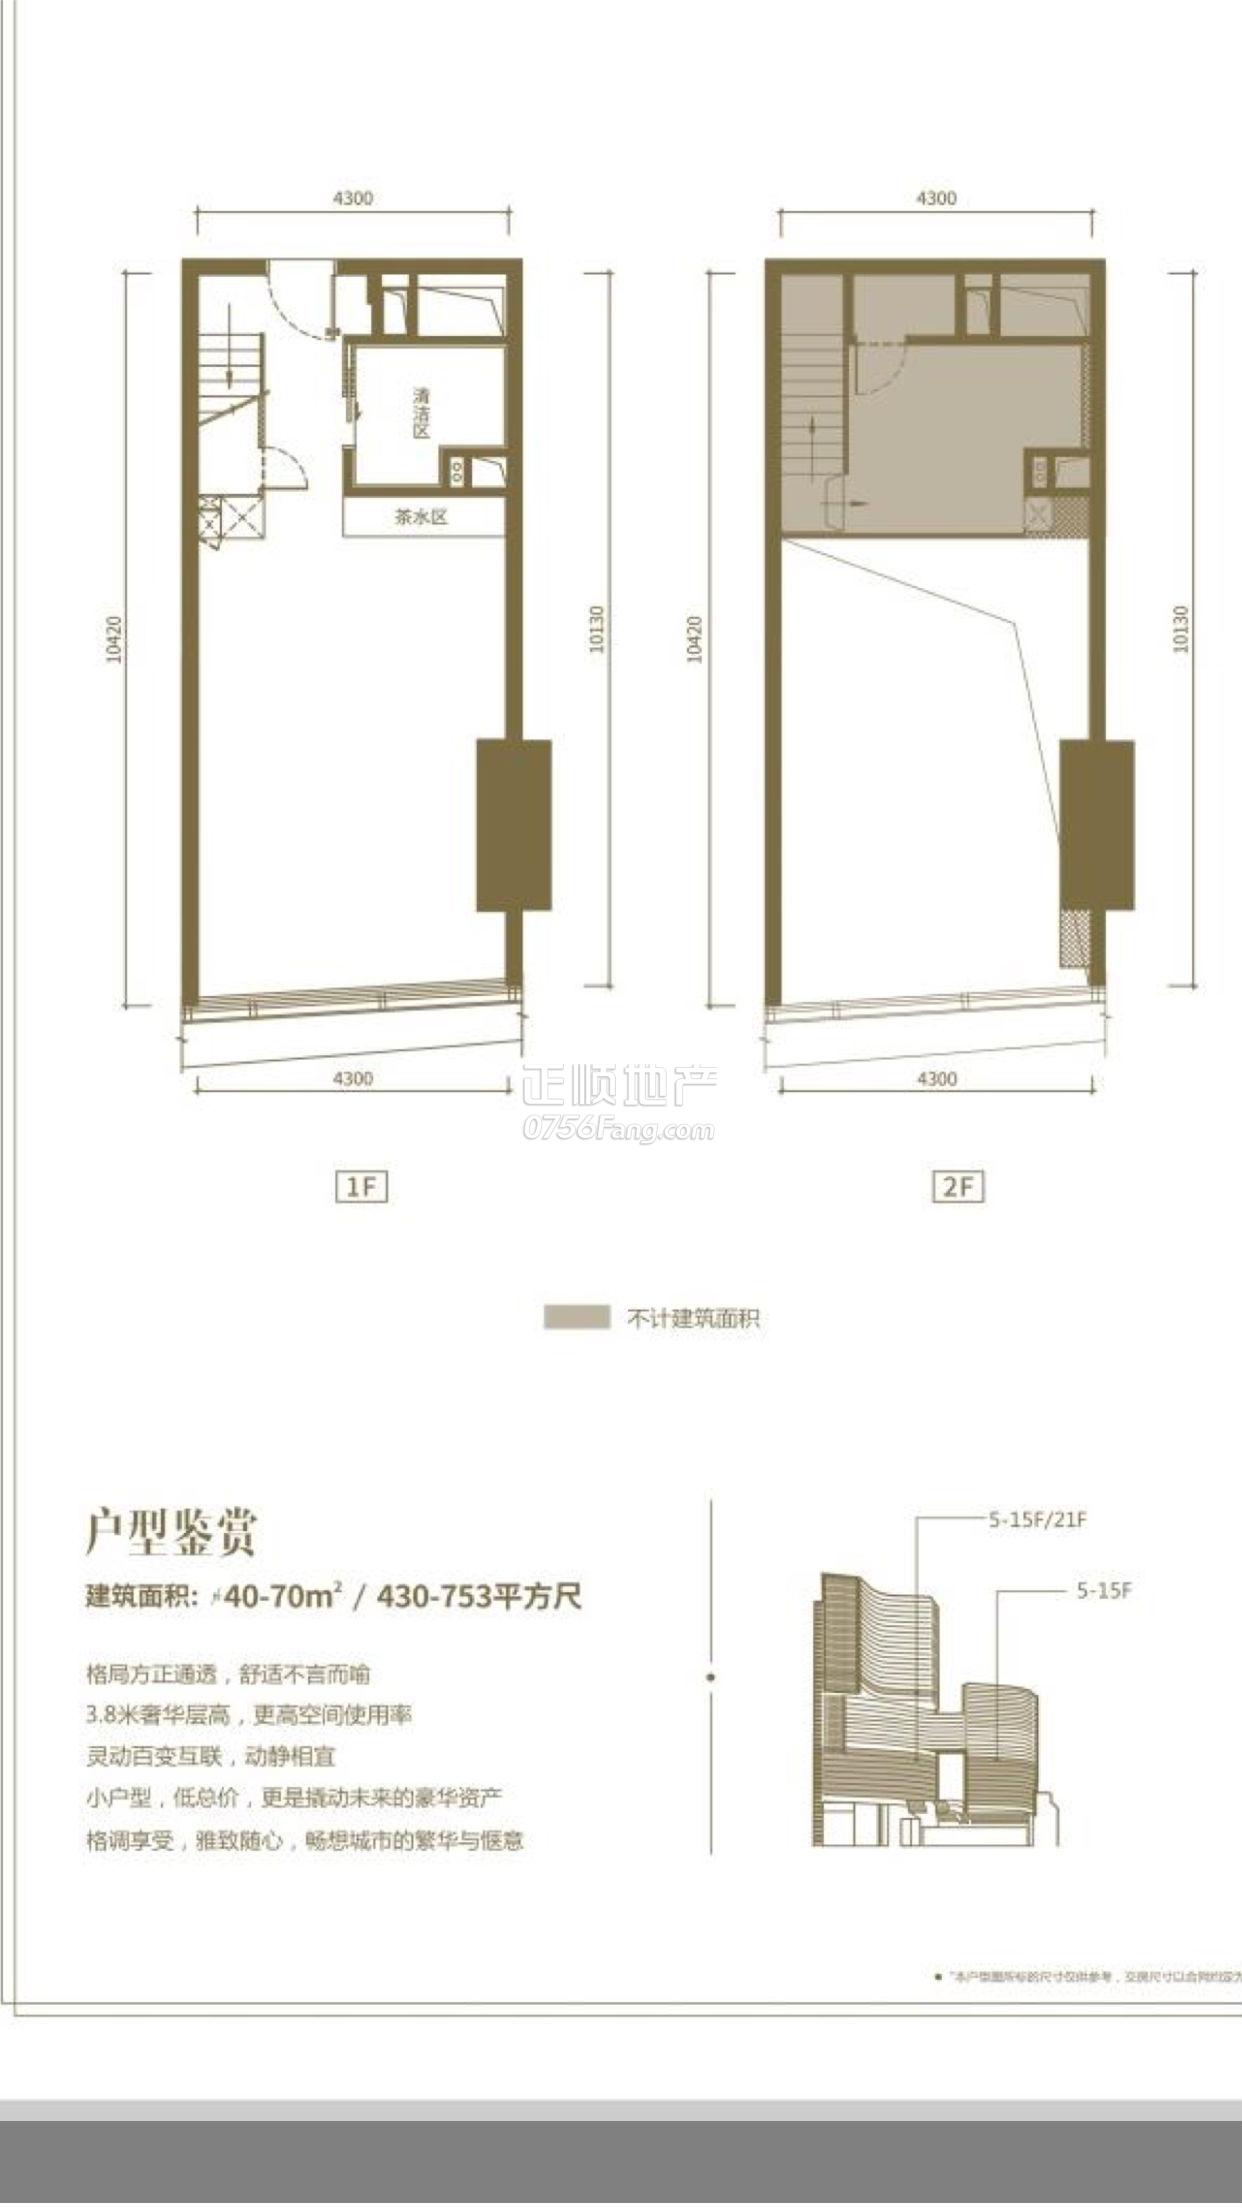 中冶盛世国际广场 - 户型图